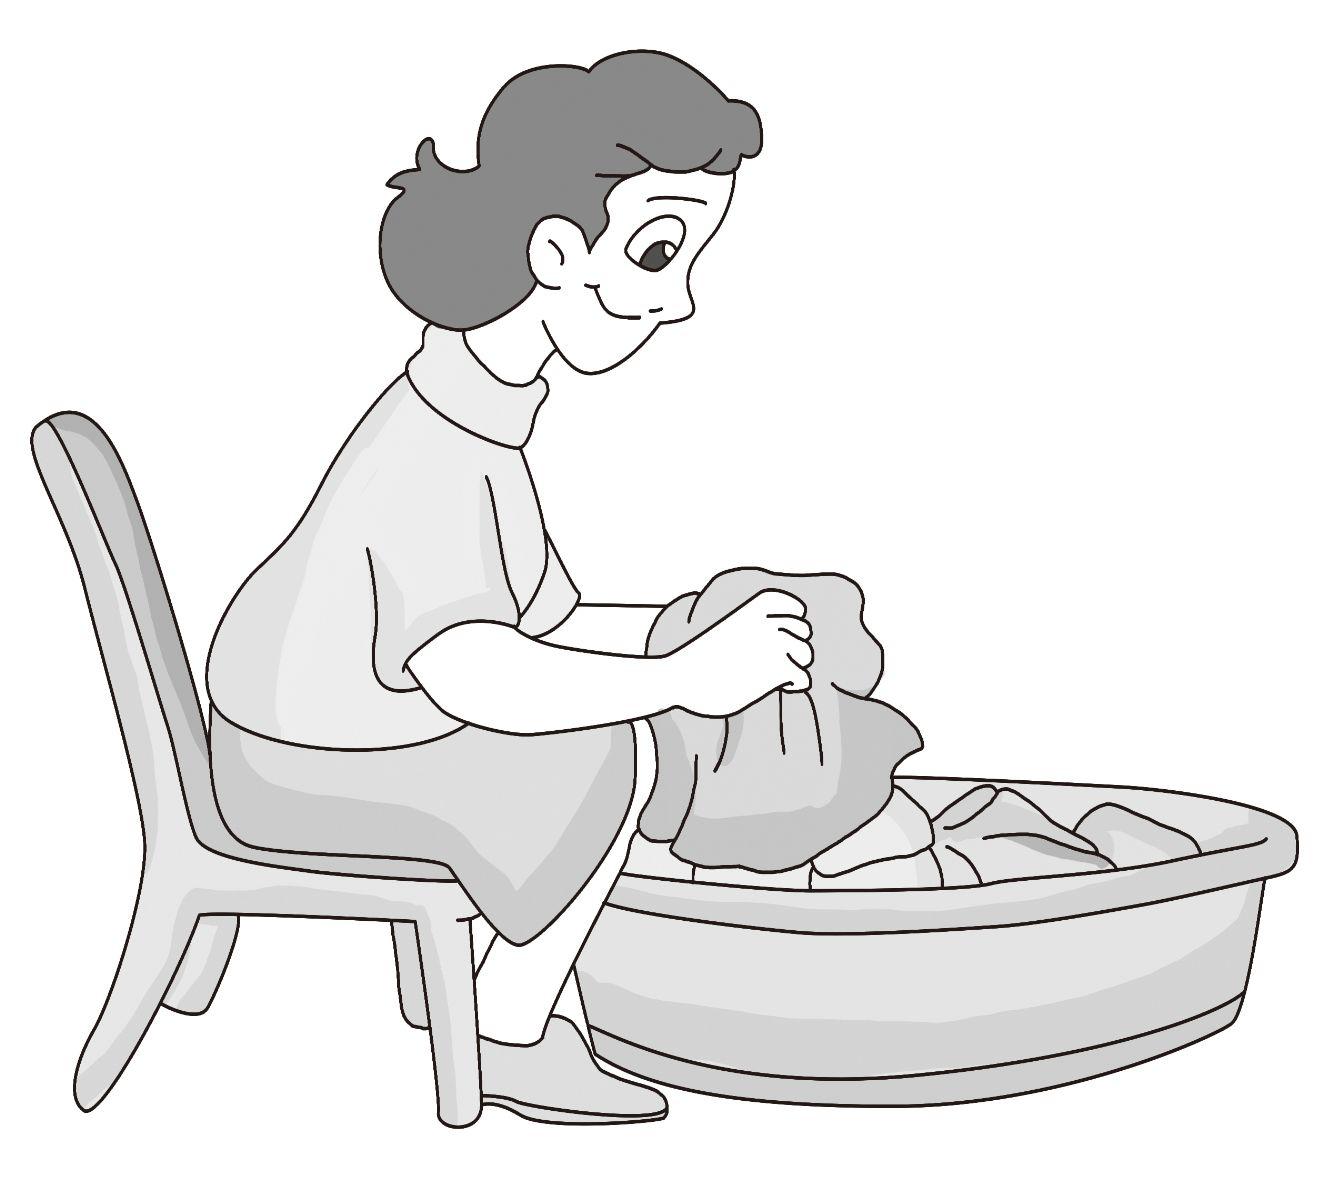 动漫 简笔画 卡通 漫画 设计 矢量 矢量图 手绘 素材 头像 线稿 600